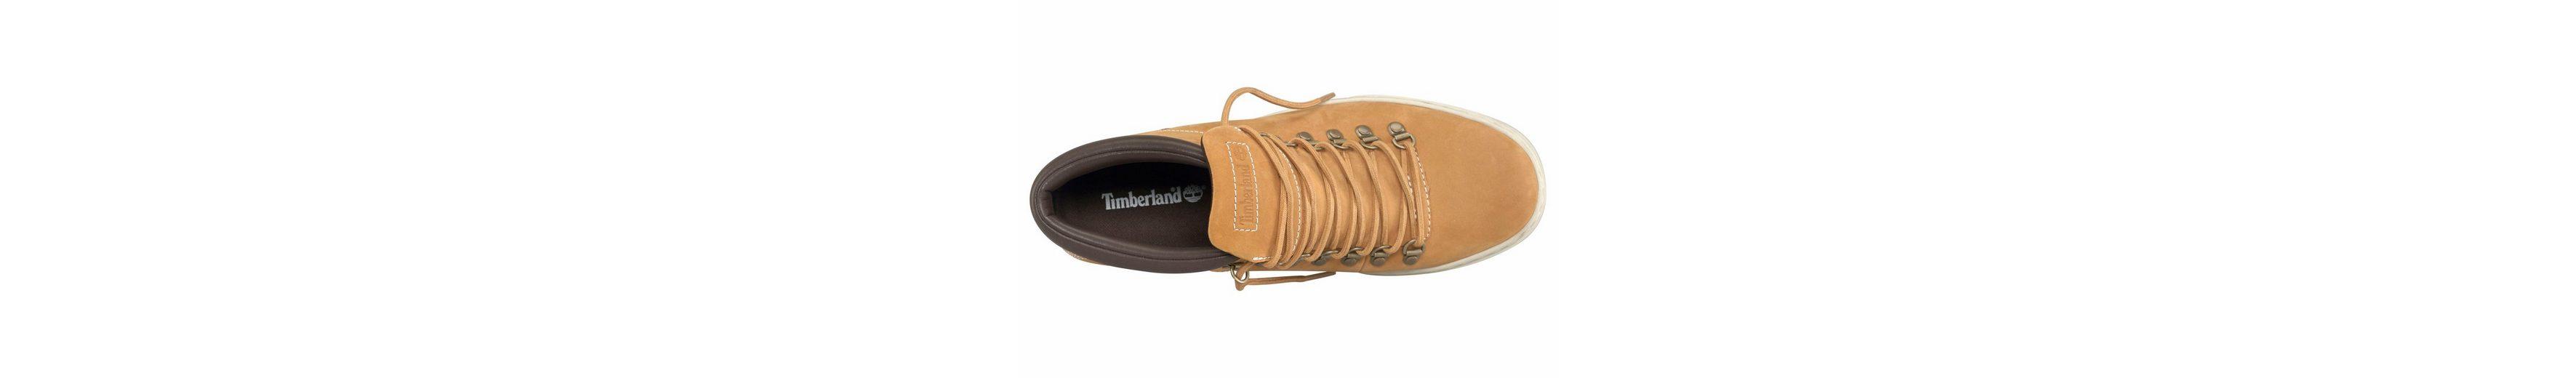 Timberland Adventure 2.0 Cups M Sneaker Billig Beliebt X0tgCK